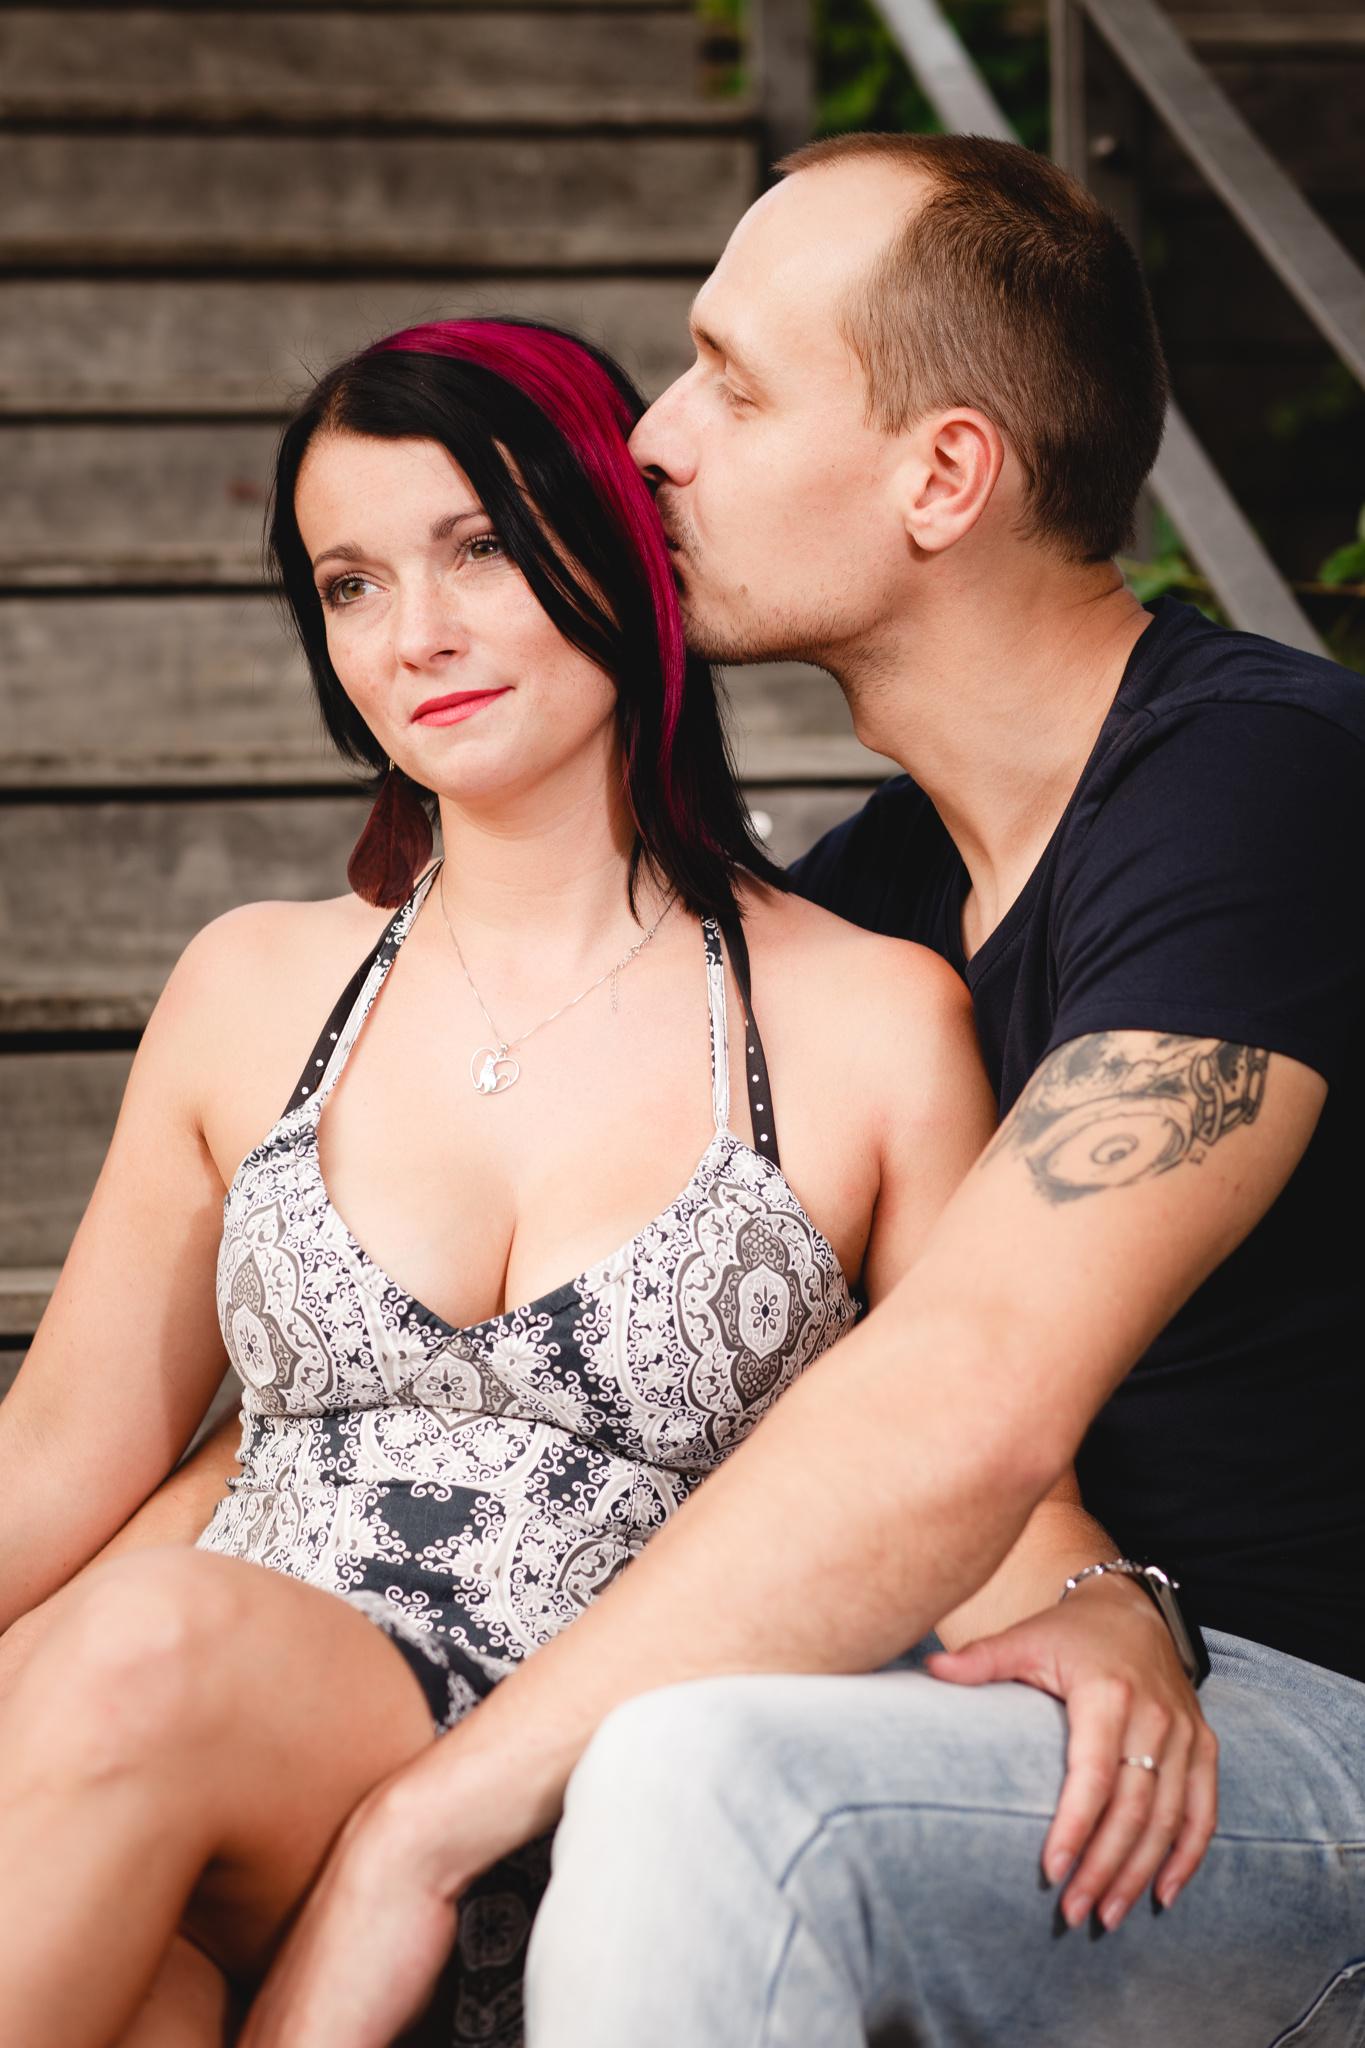 Přítel dává pusu do vlasů přítelkyni, Partneři sedí u stromu, předsvatební focení, portrét